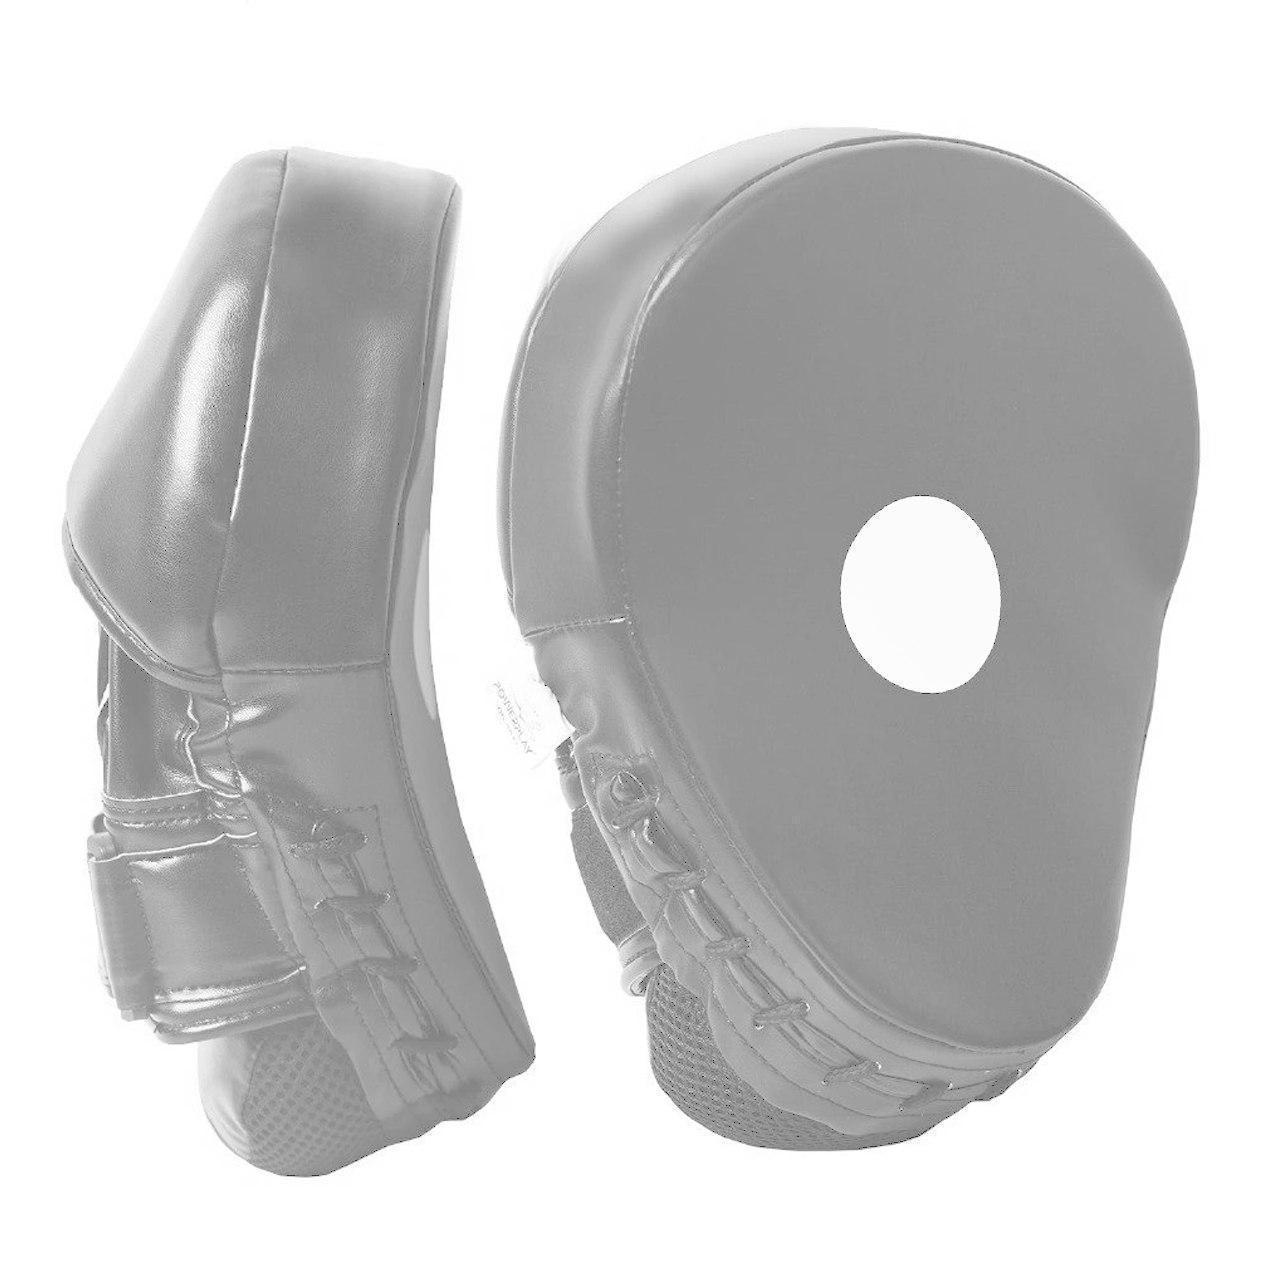 Лапы боксерские PowerPlay 3041 черно-серые PU [пара]